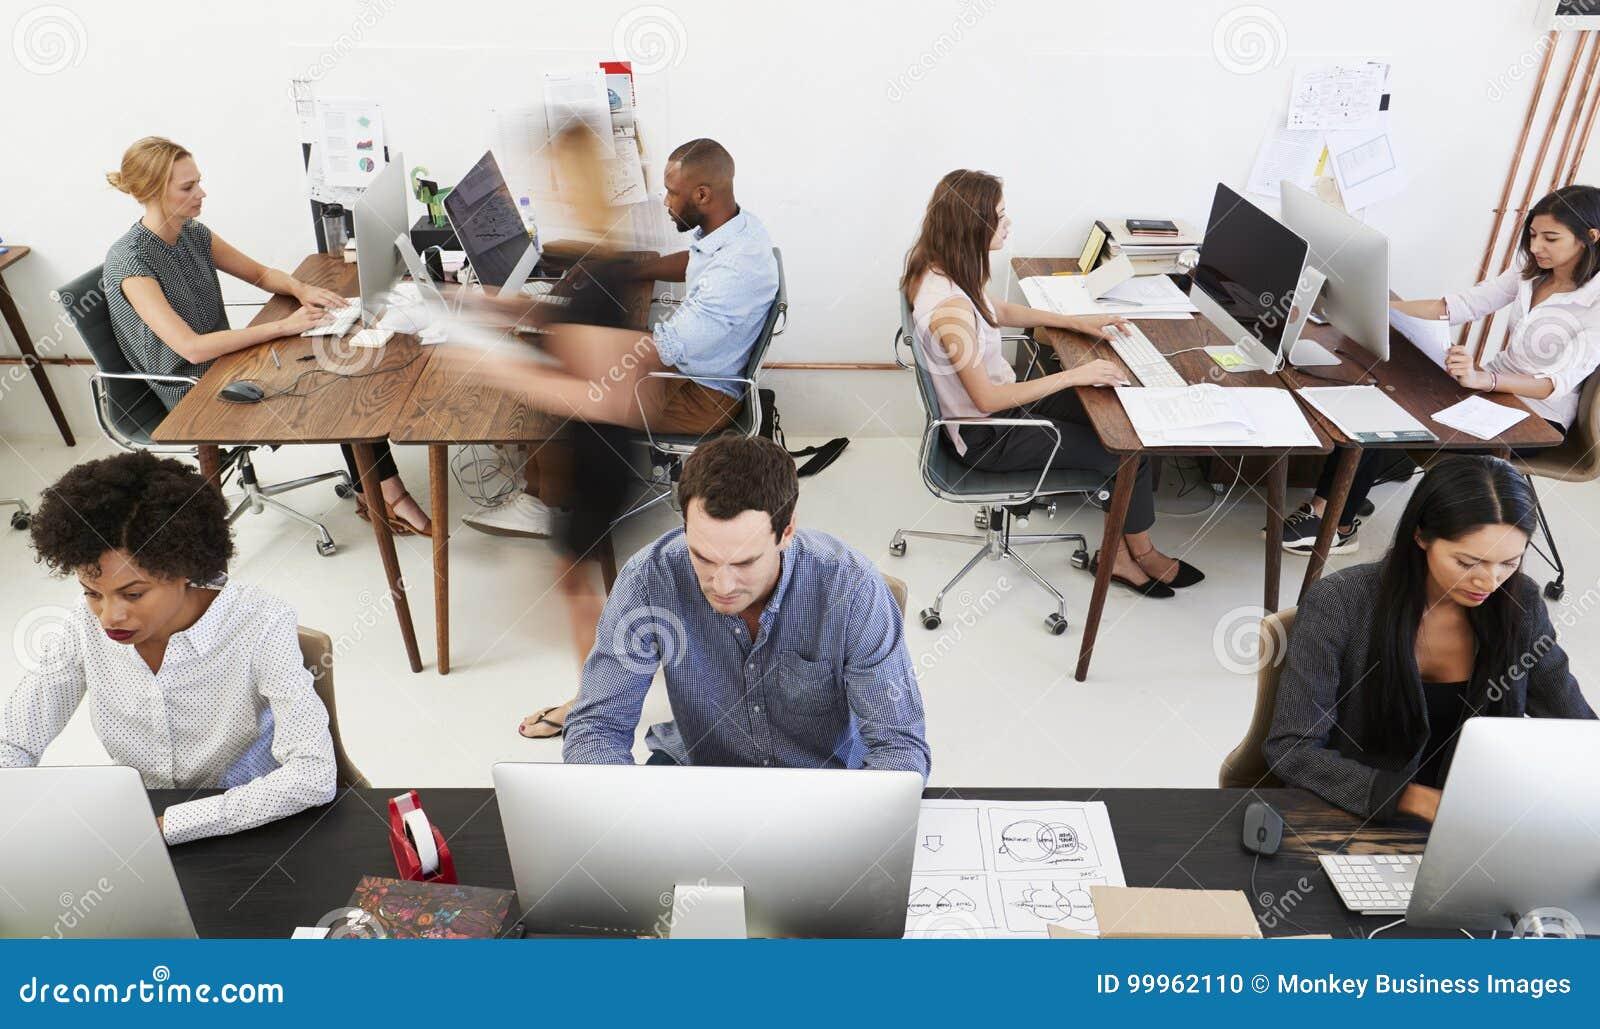 Collègues aux ordinateurs dans un bureau ouvert de plan, vue de face